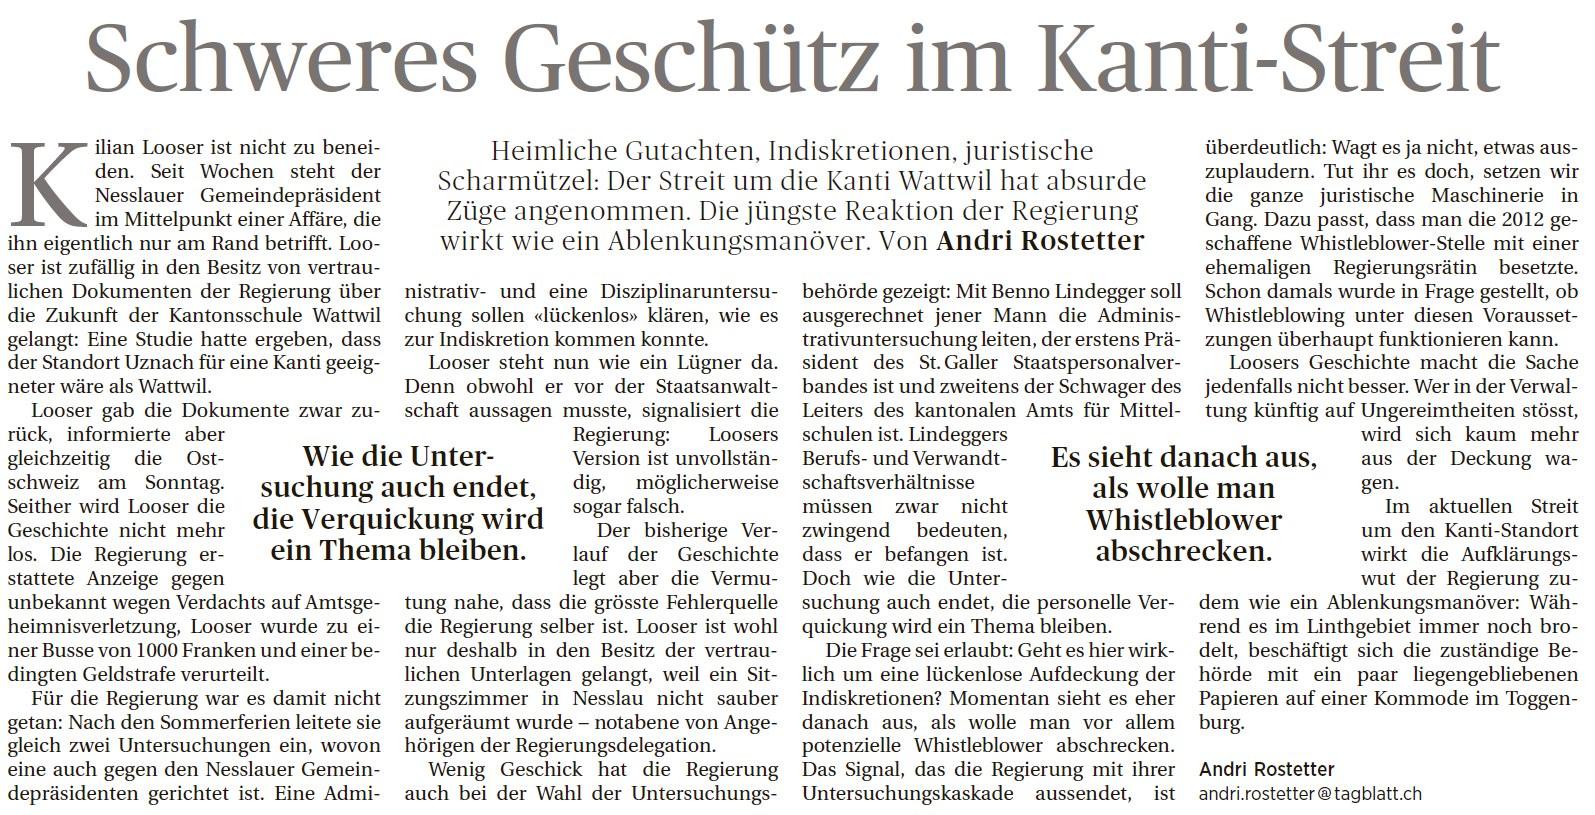 Schweres Geschütz im Kanti-Streit (Montag, 08.09.2014)